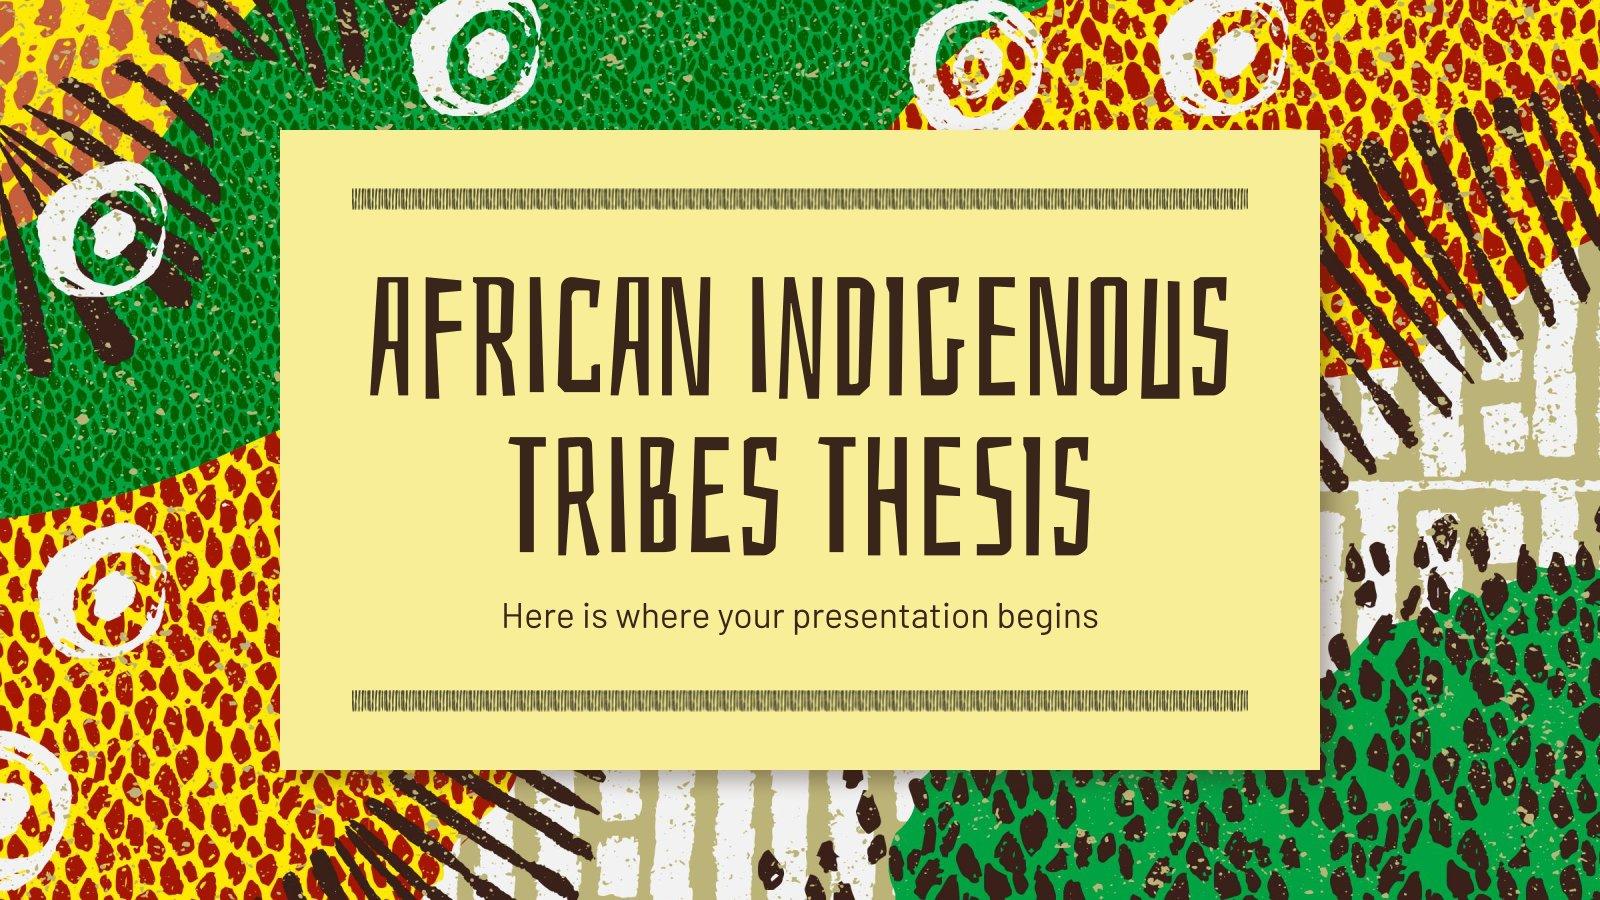 Plantilla de presentación Tesis sobre las tribus indígenas africanas